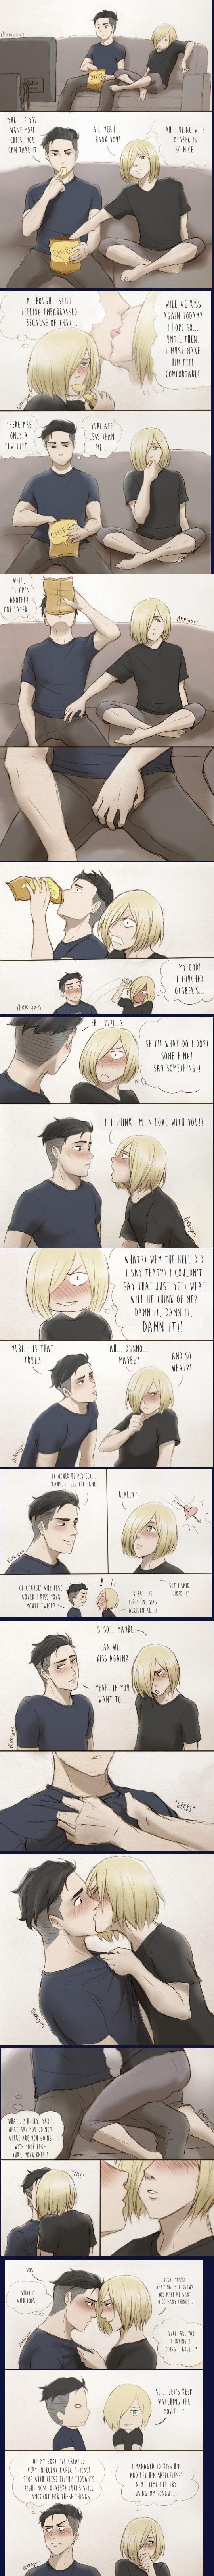 No es que haya visto la serie o que sea fanática del yaoi, pero me pareció gracioso :v